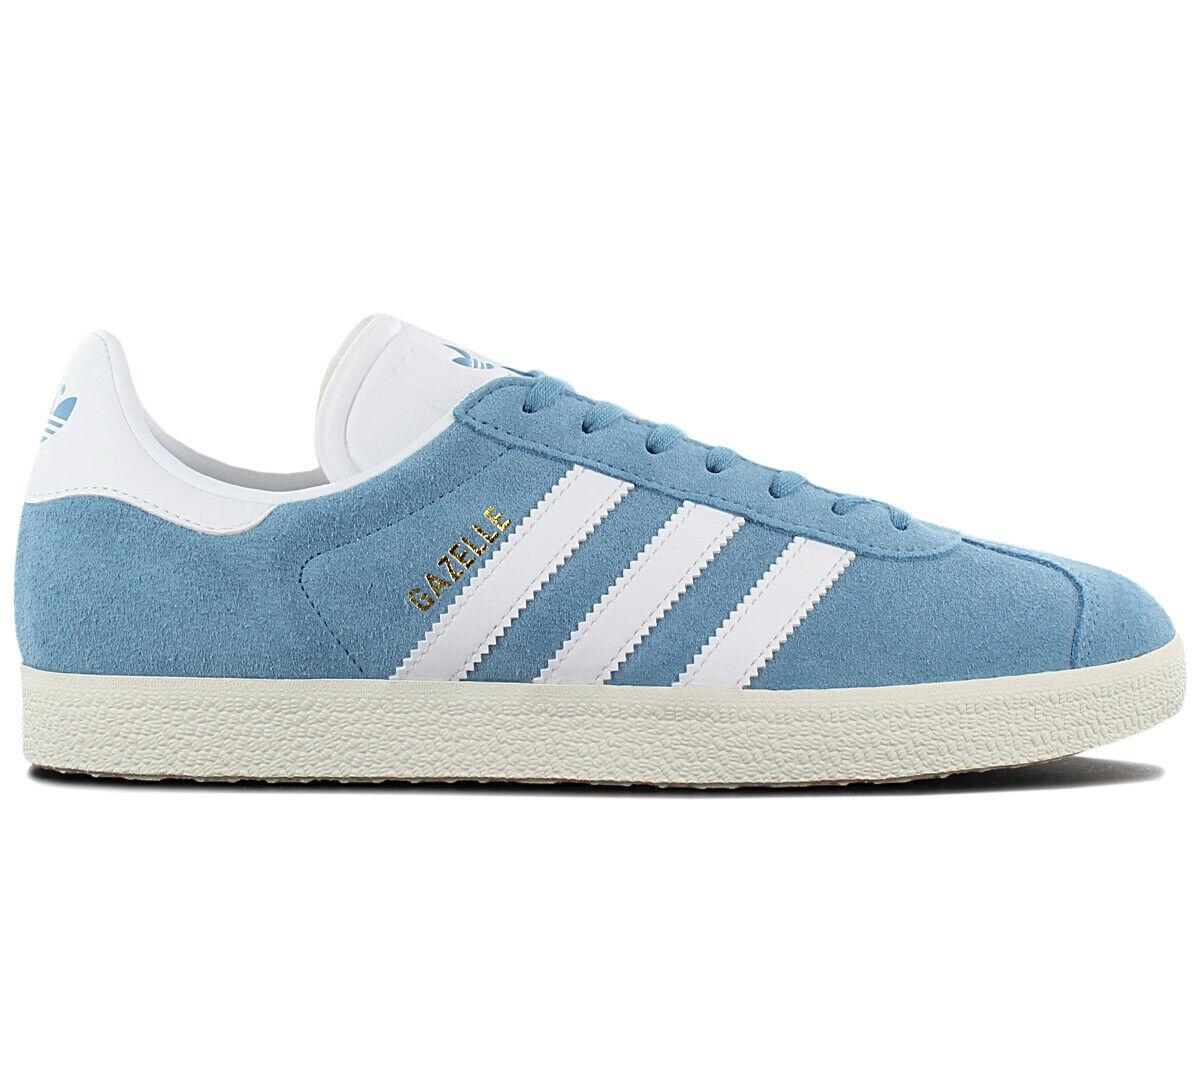 Adidas Originals Gazelle Herren Turnschuhe BZ0022 Blau Schuhe Retro Turnschuhe NEU